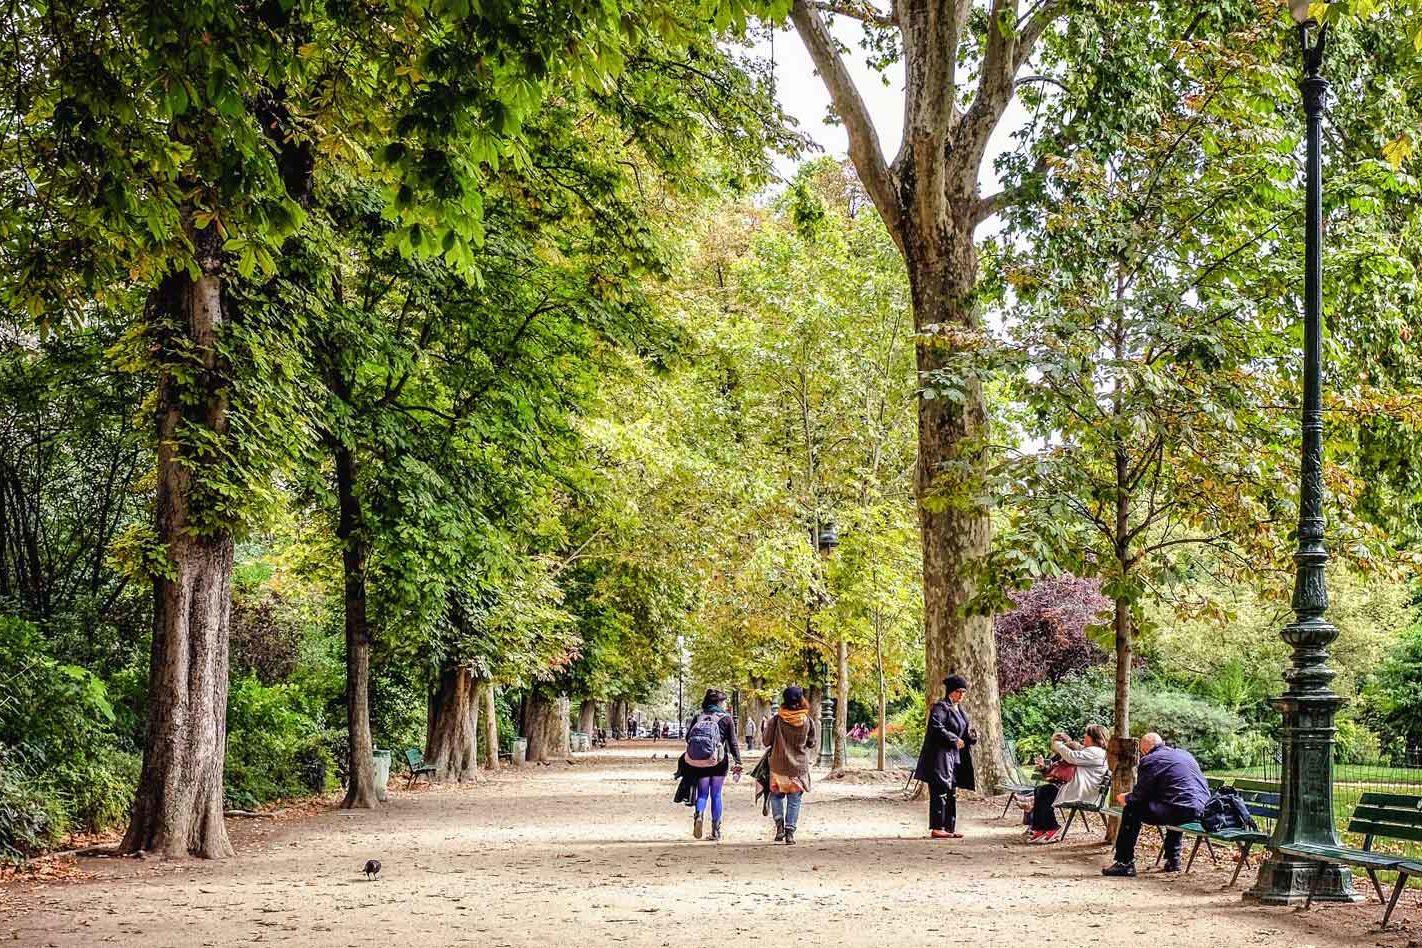 Champ de Mars Park Paris France